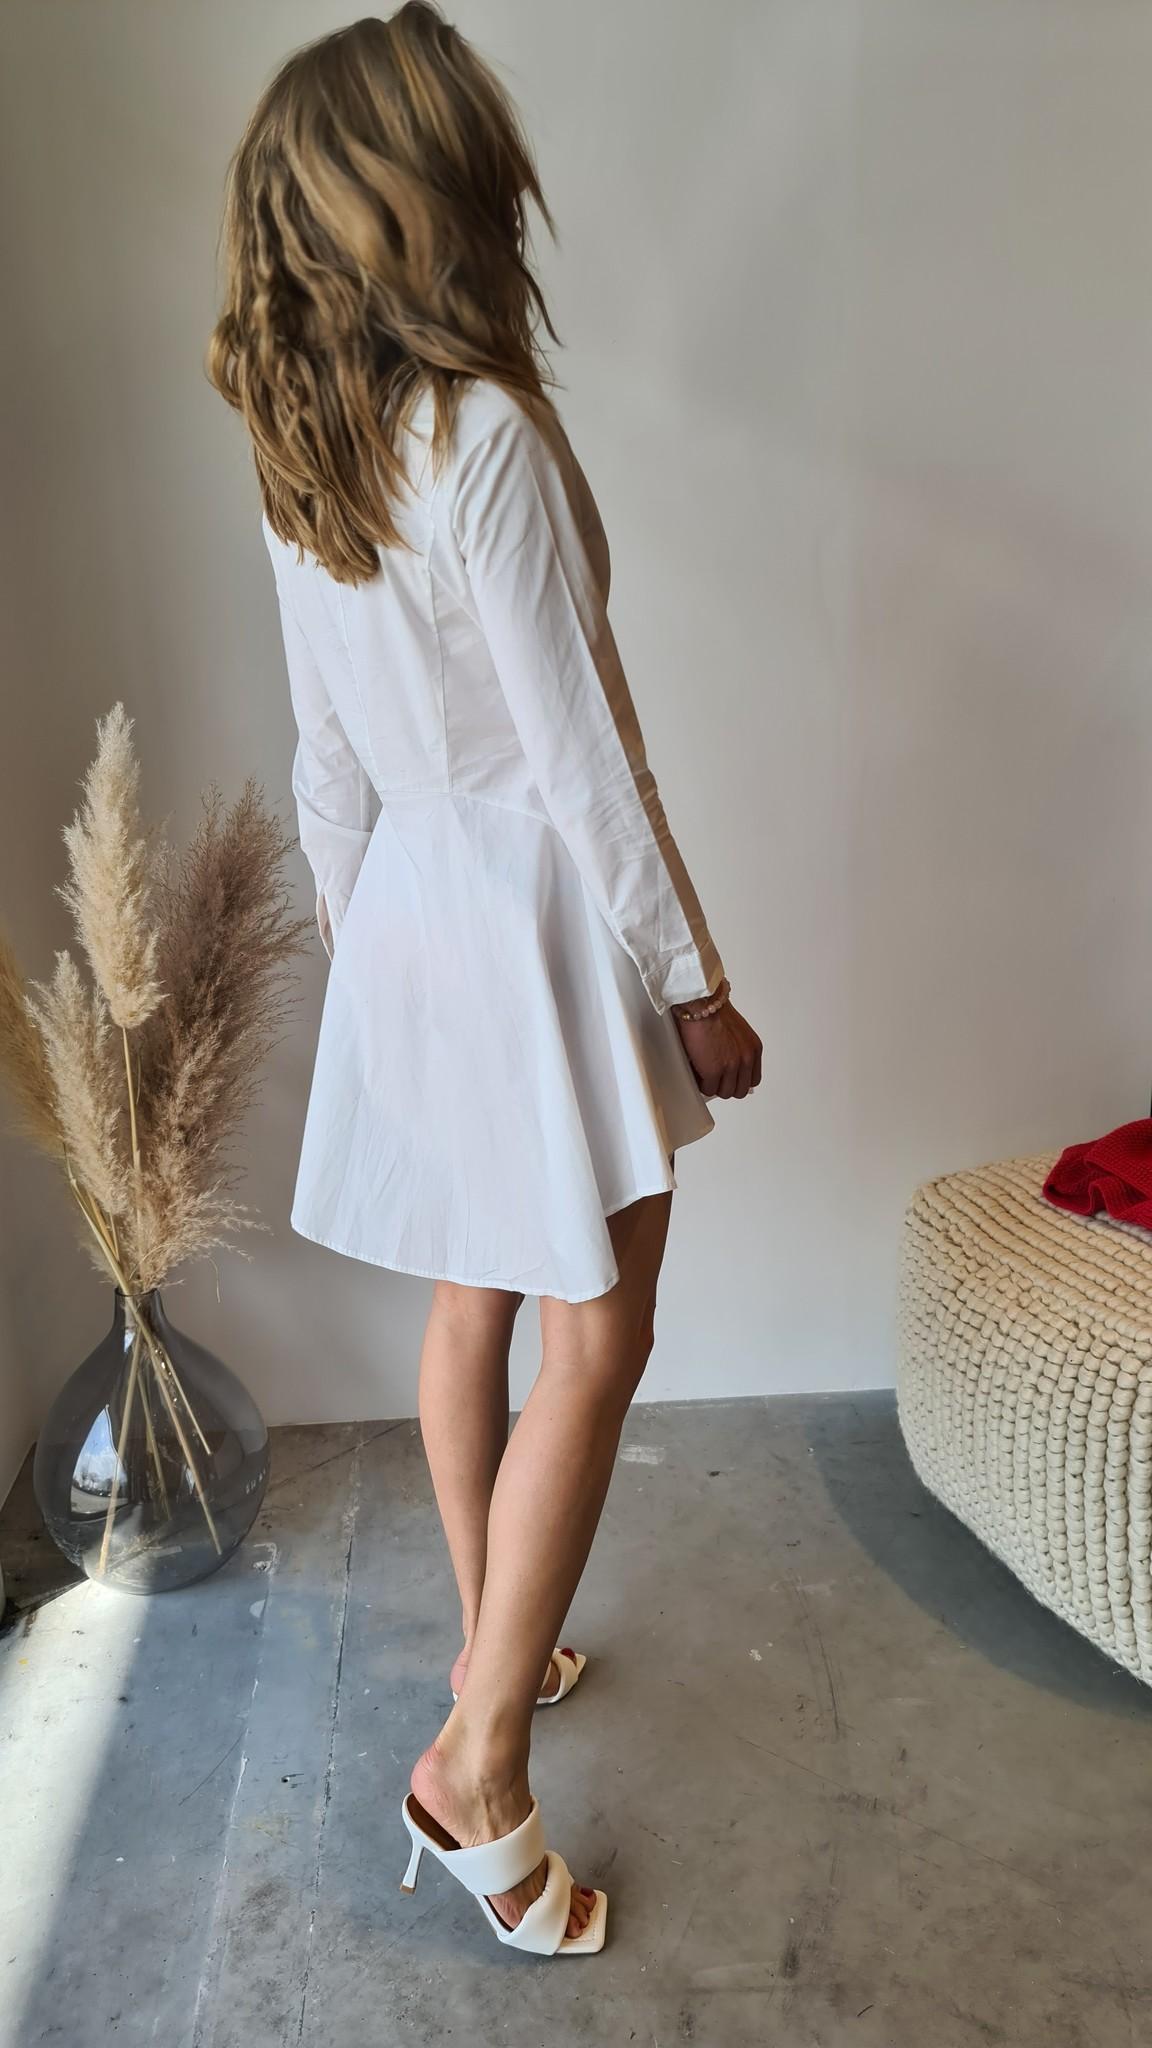 ROBIN robe-6